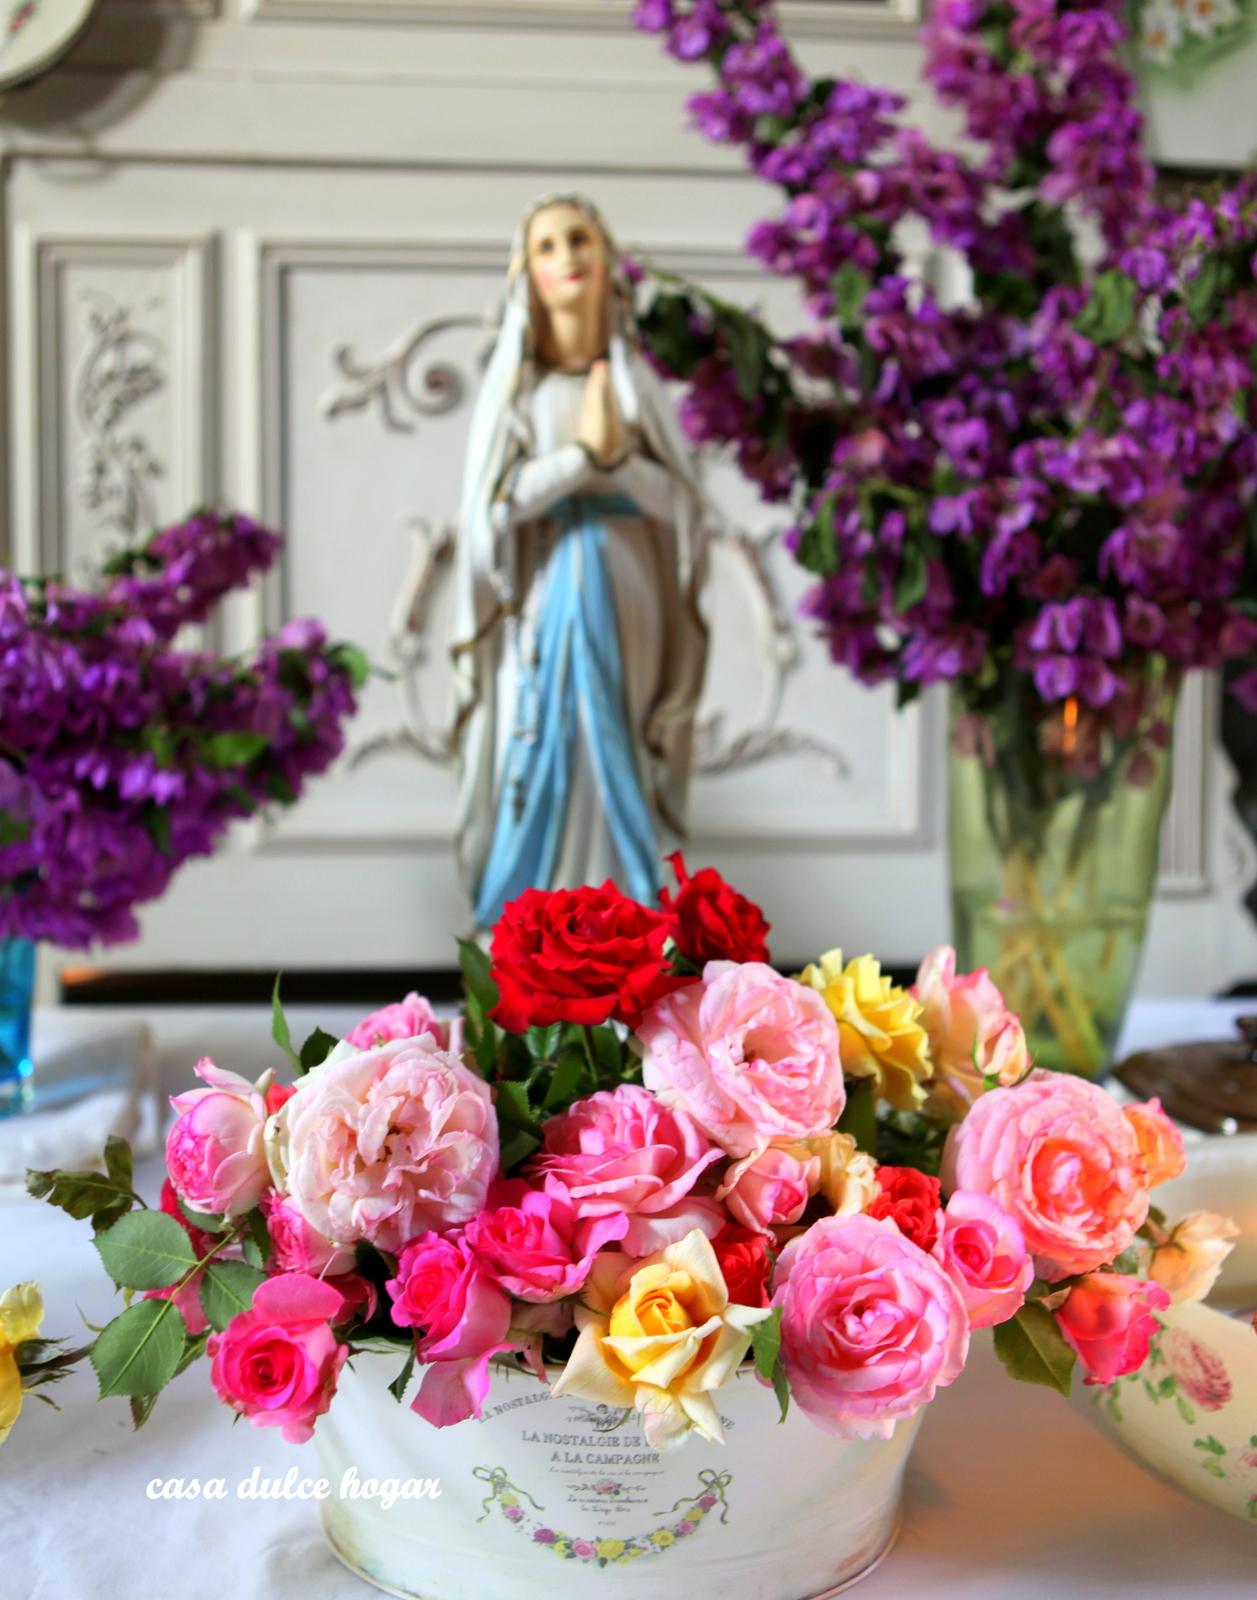 Mujeres Con Flores Imágenes De Archivo Vectores  - Imagenes De Mujeres Con Ramos De Rosas